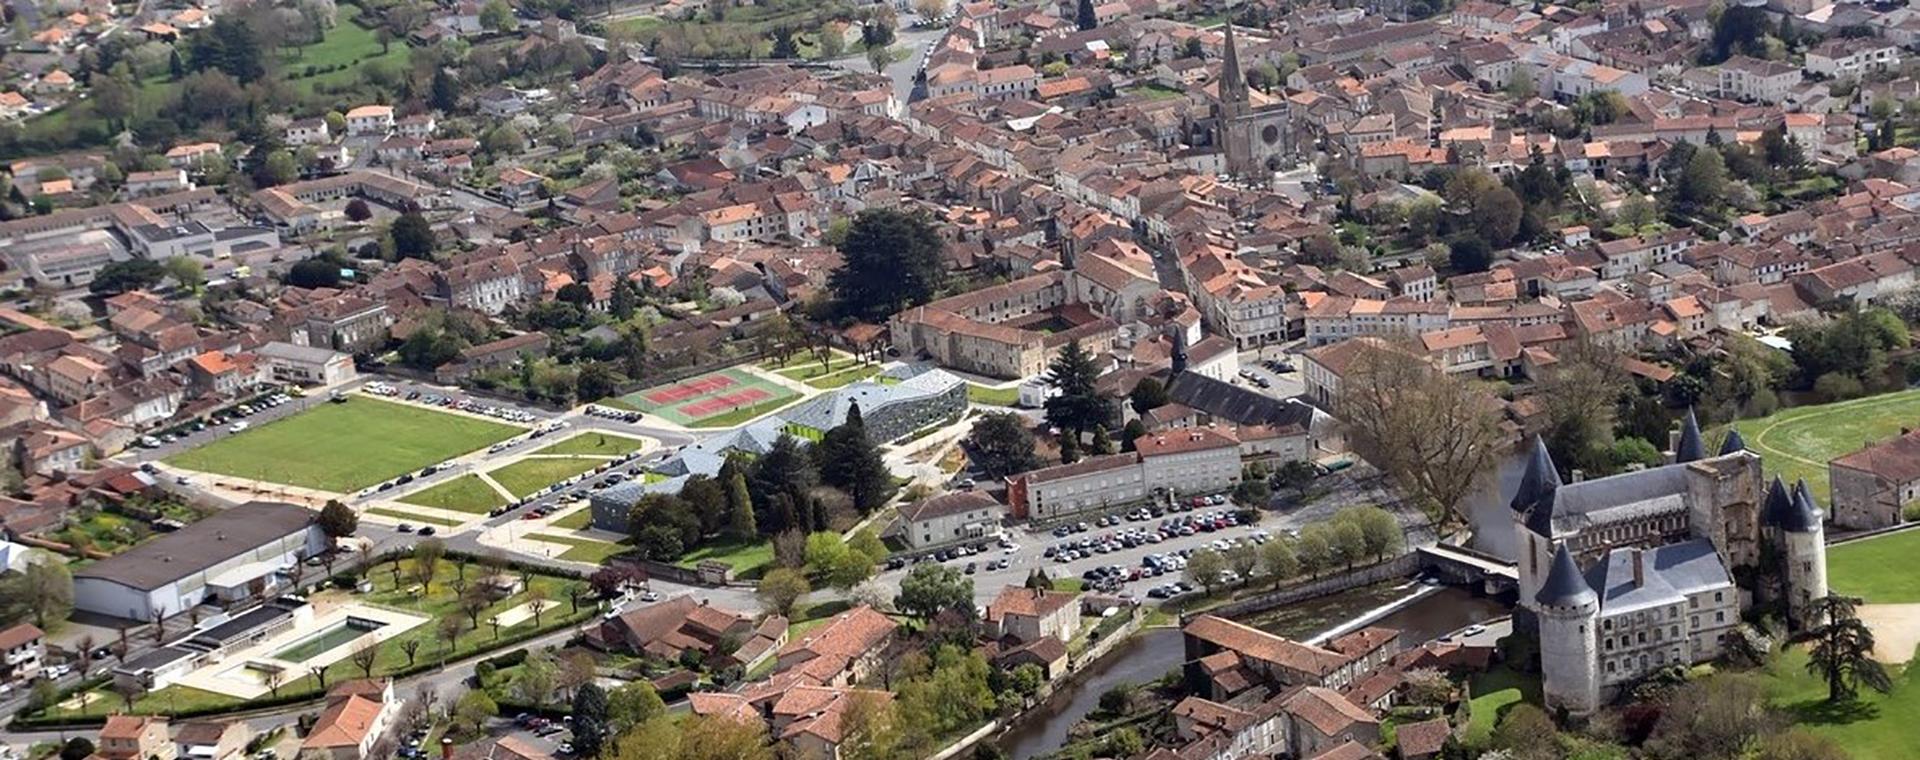 La Rochefoucauld-en-Angoumois